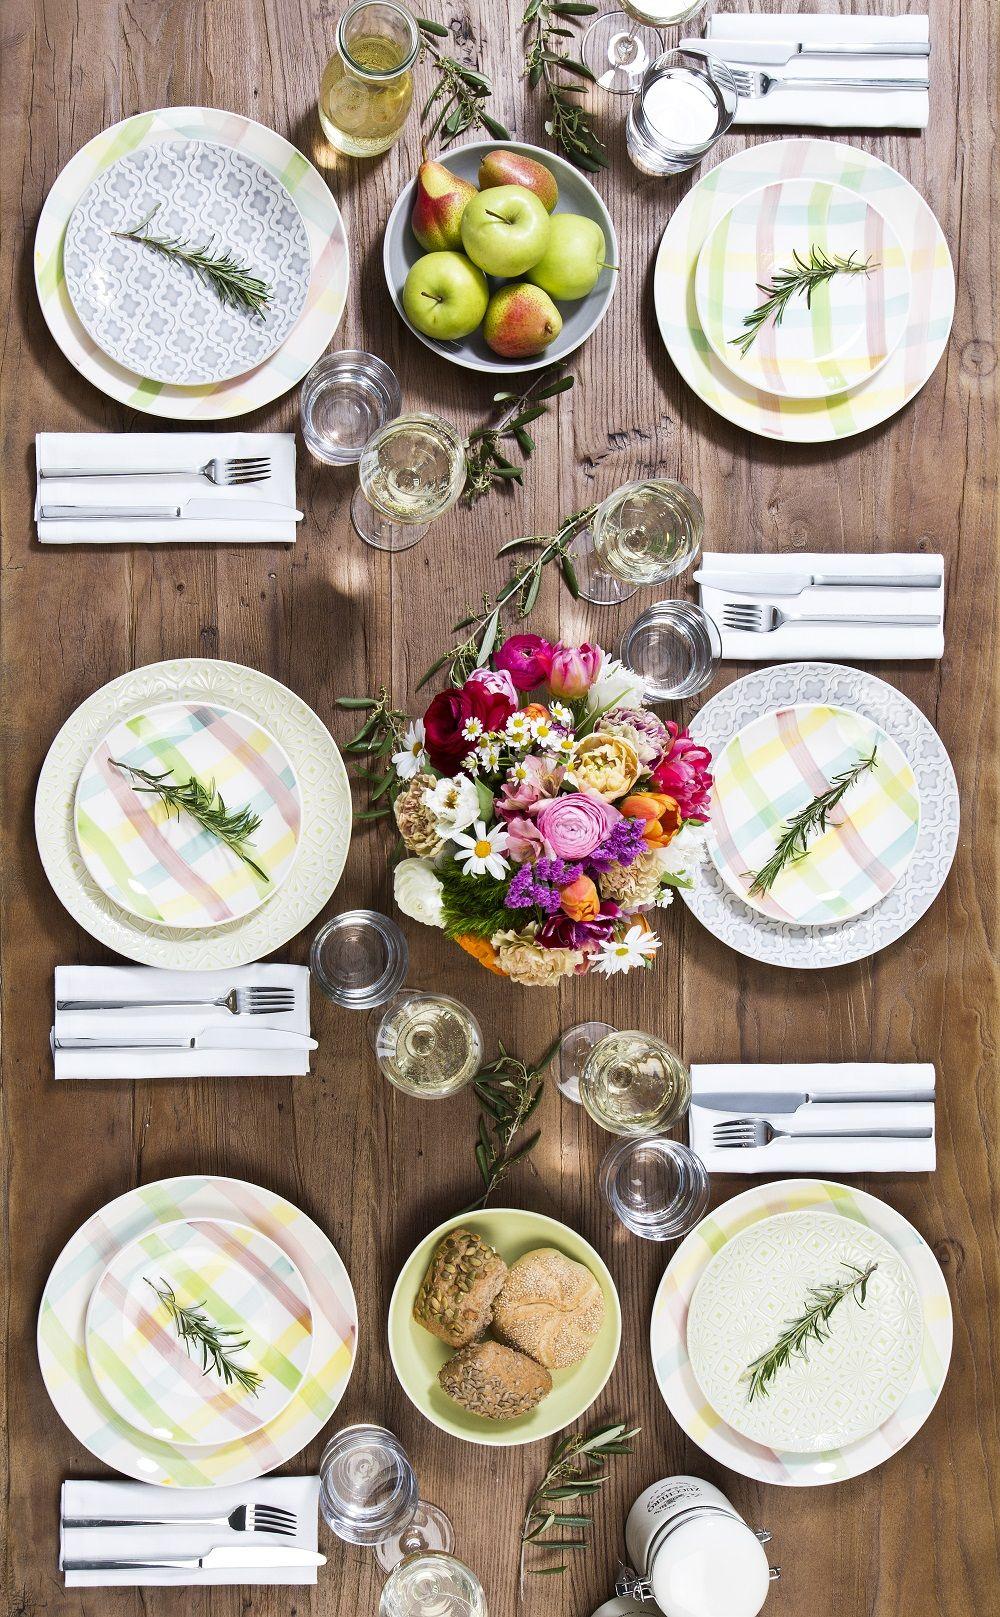 Wir Alle Setzen Uns Gerne An Einen Liebevoll Und Schon Gedeckten Tisch Dies Gilt Fur Feierliche Anlasse Aber Auch Fur Den Alltag Am Essen Geschirr Zu Tisch